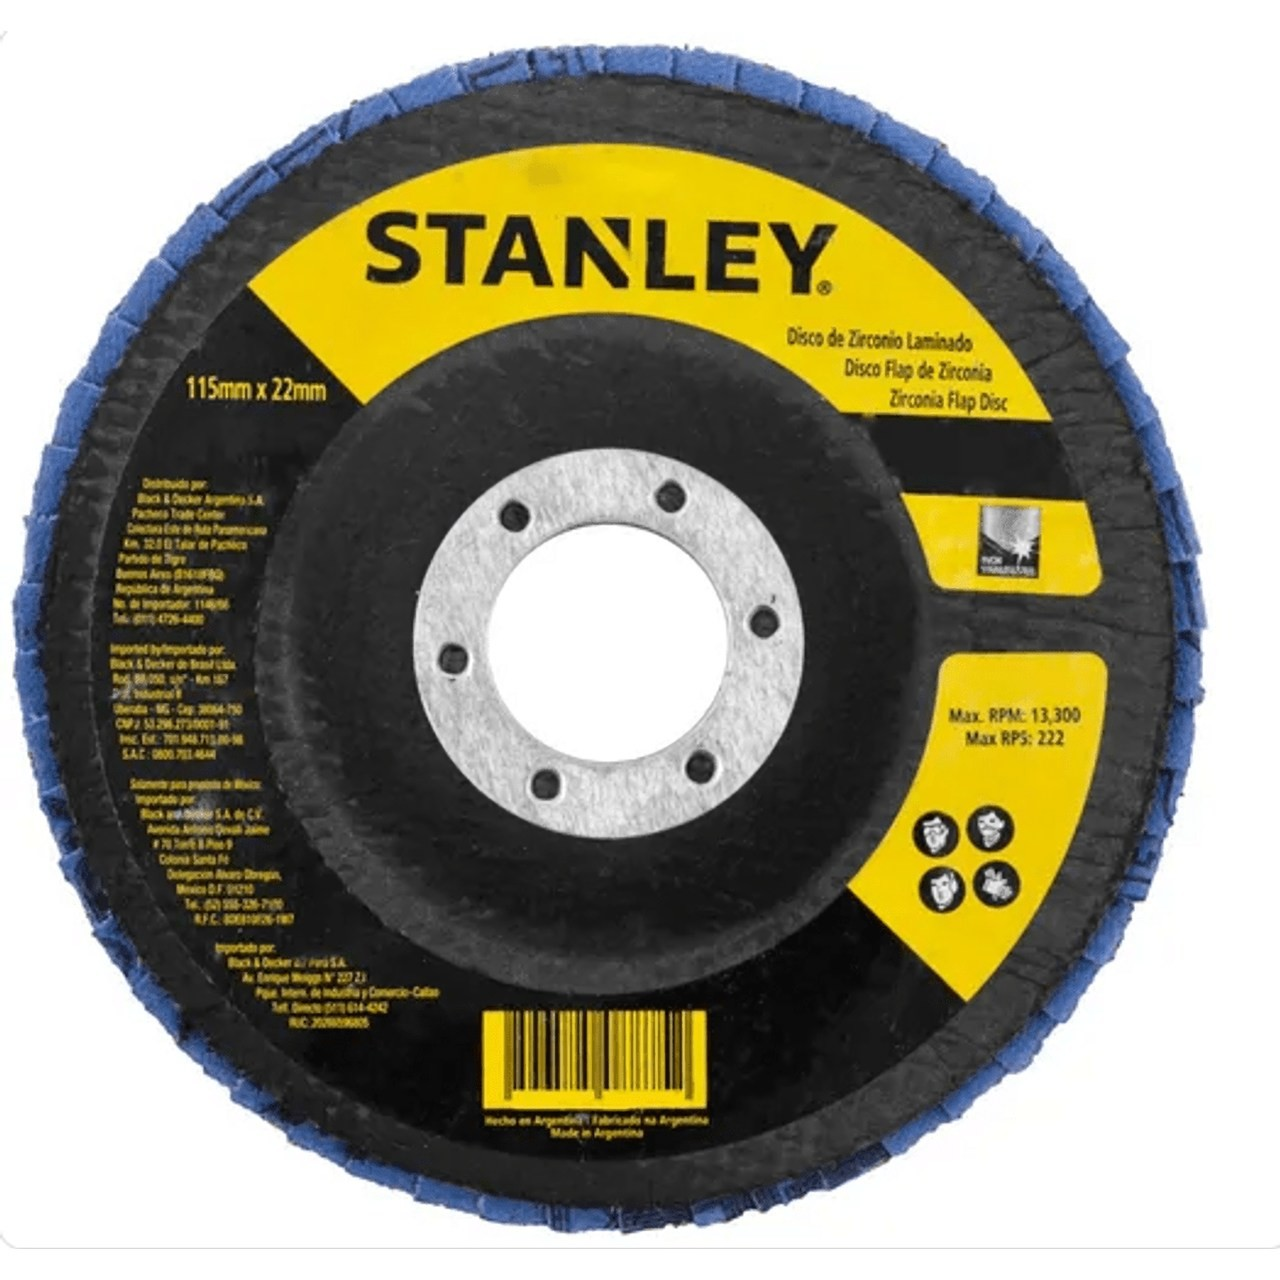 """Disco Flap 4.1/2"""" z120 Stanley Sta4120"""